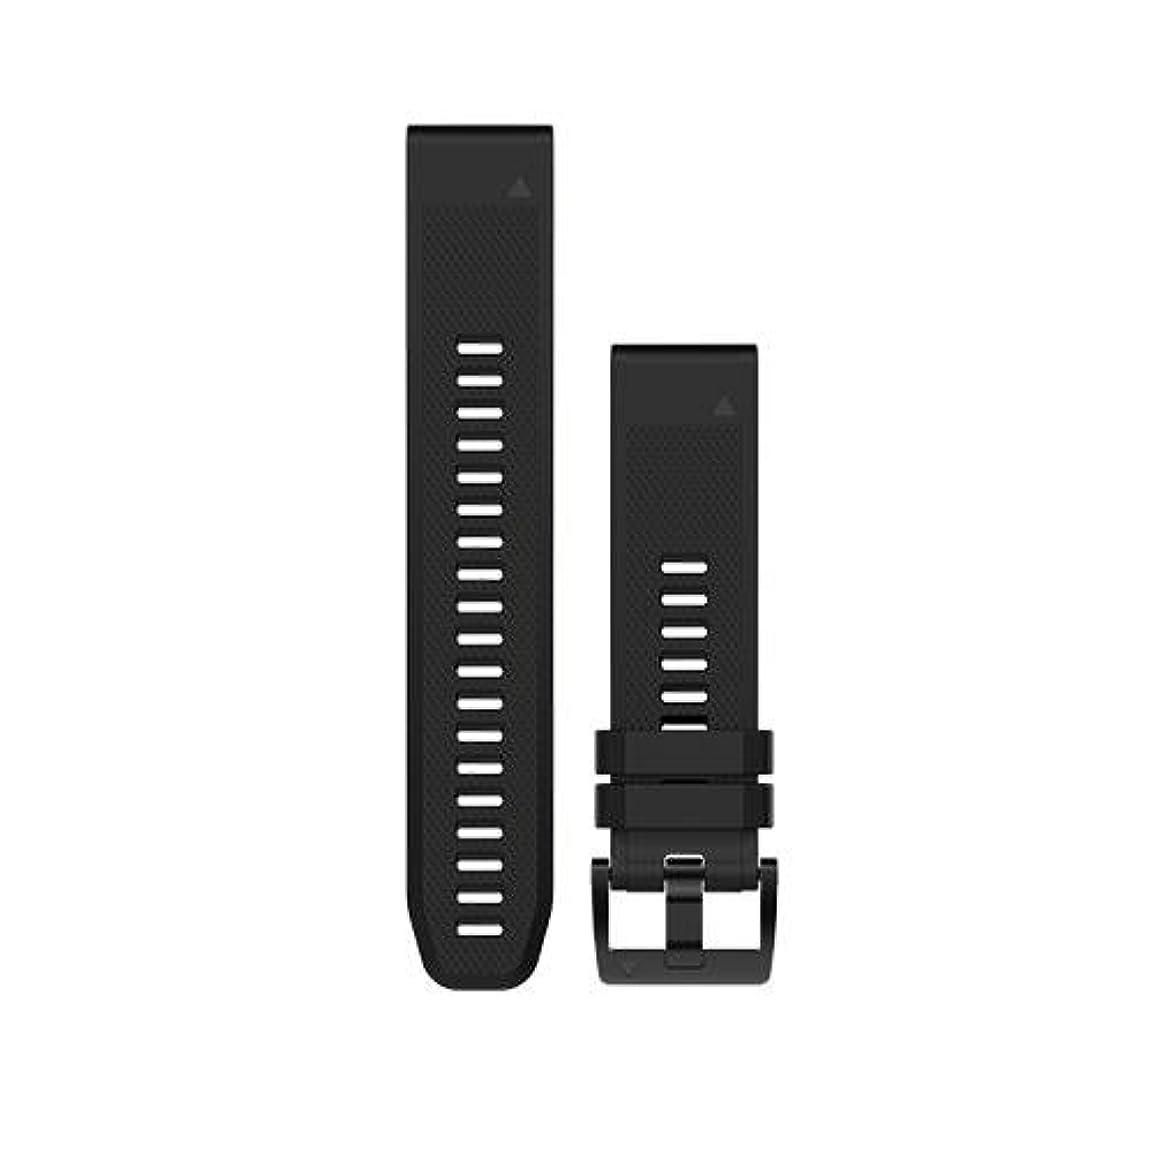 ジョガートークン消毒するGARMIN(ガーミン) ベルト交換キット fenix5用 Black 010-12496-08